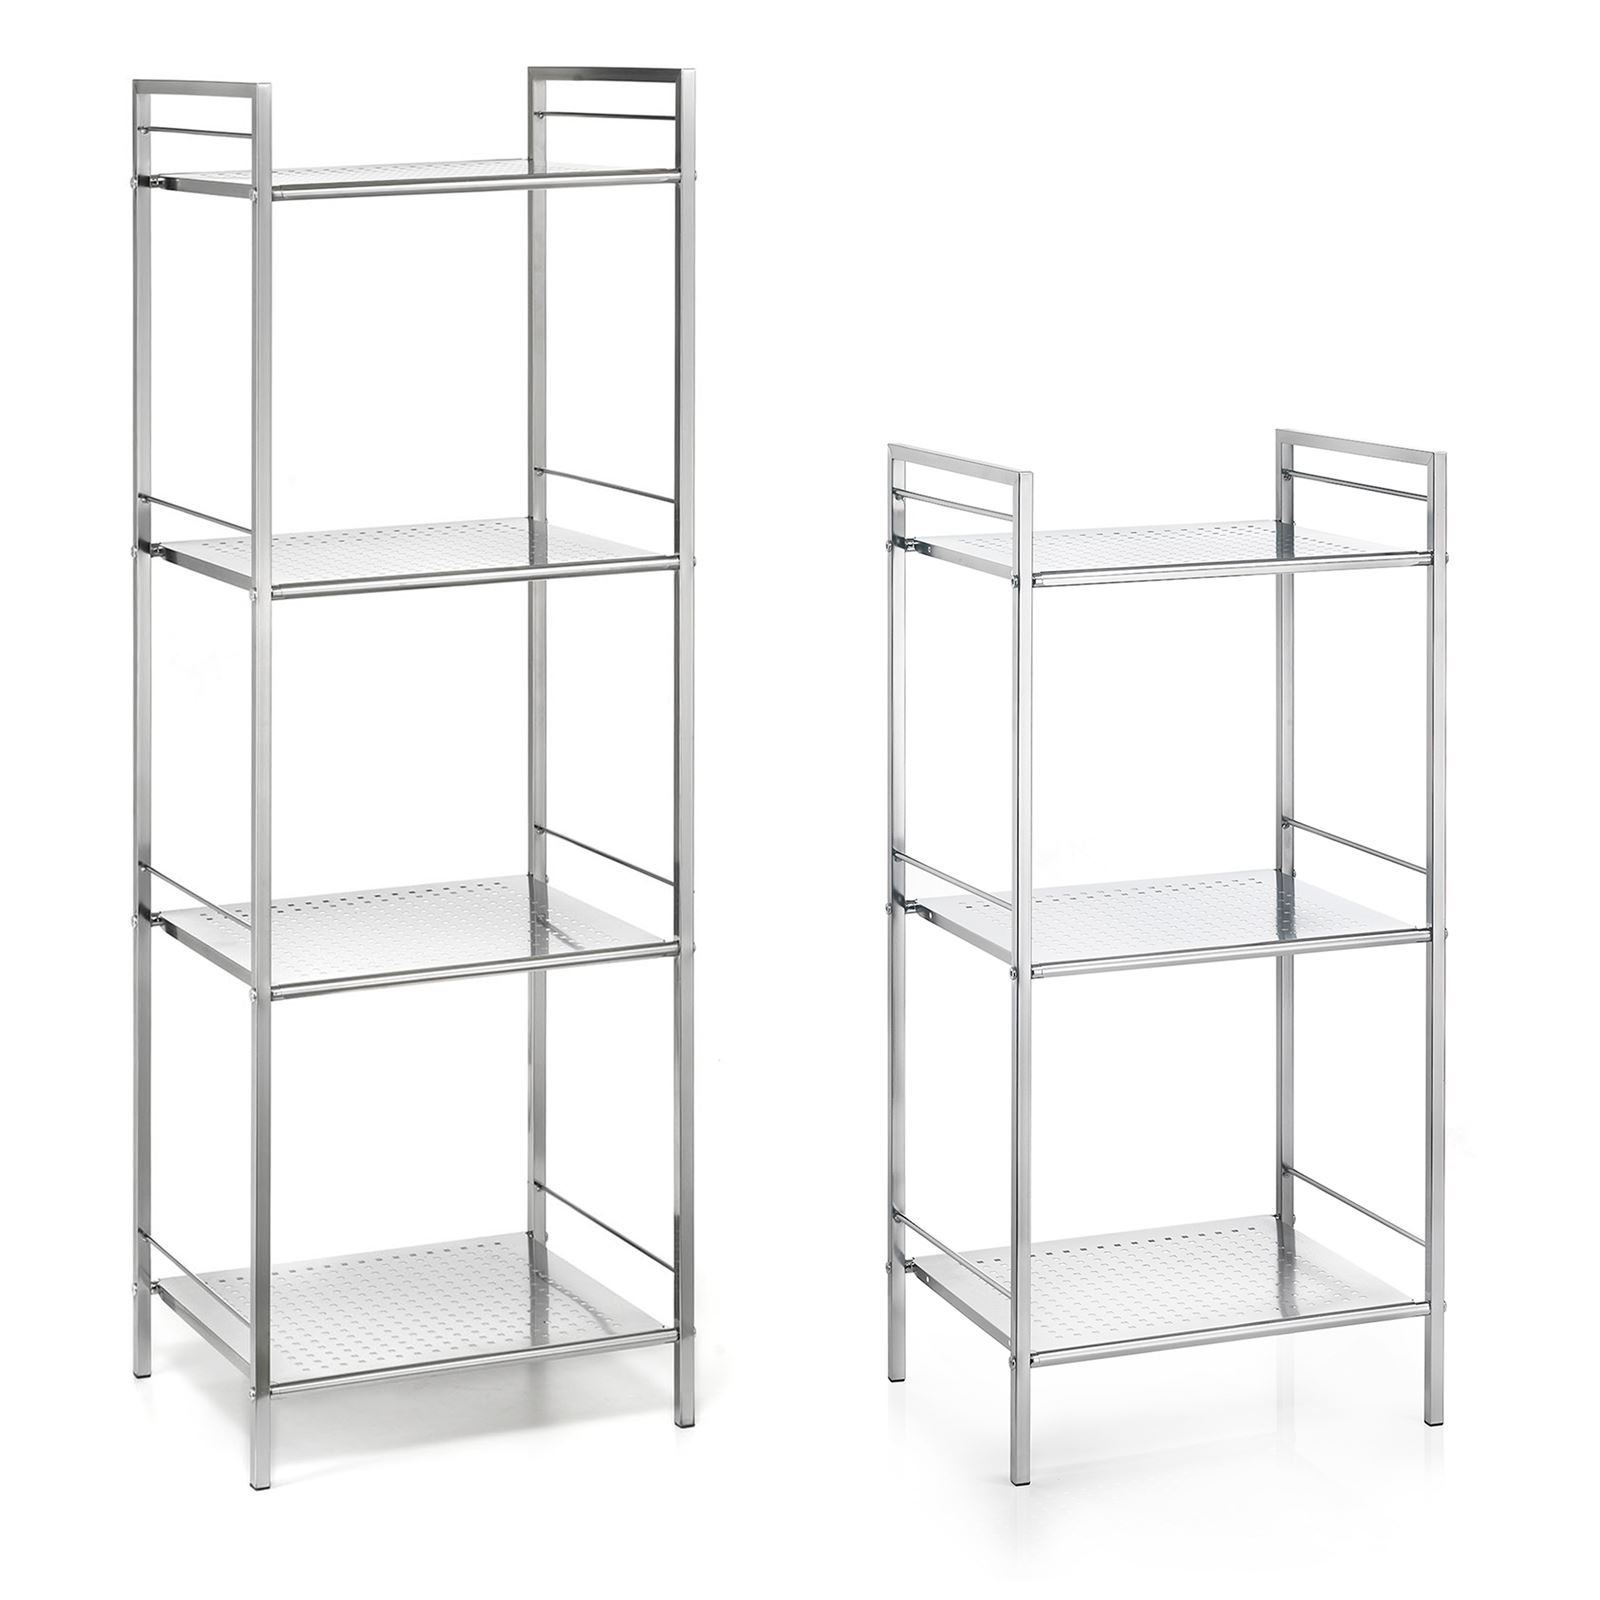 badregal metallregal matis mit 3 oder 4 b den mobilia24. Black Bedroom Furniture Sets. Home Design Ideas